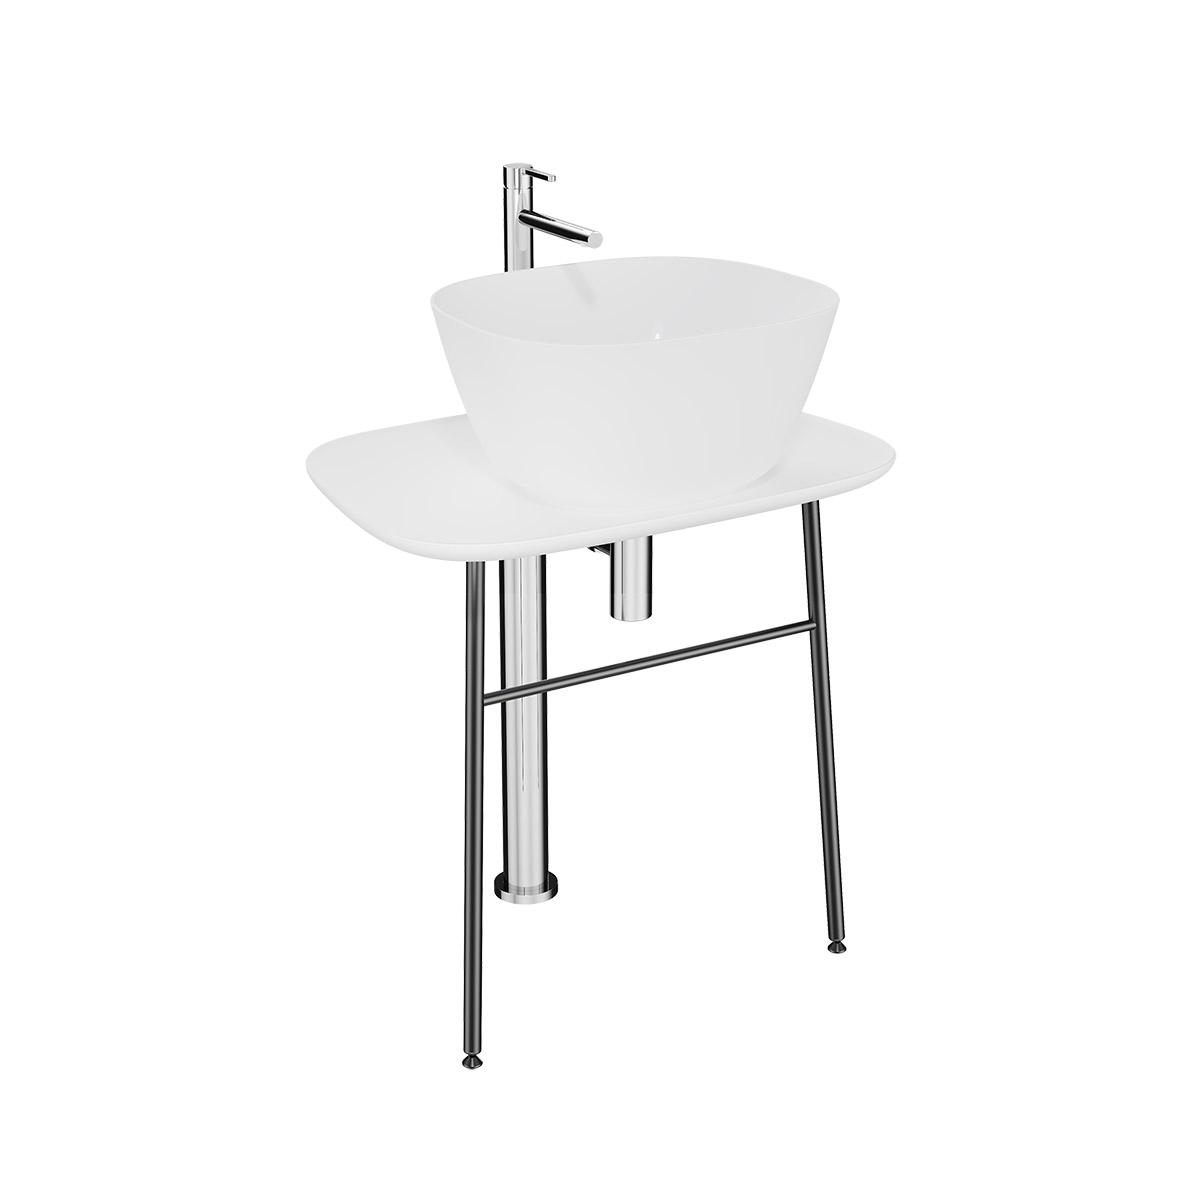 Plural Waschtischunterbau flach freistehend, Höhe 66 cm, Weiß Hochglanz